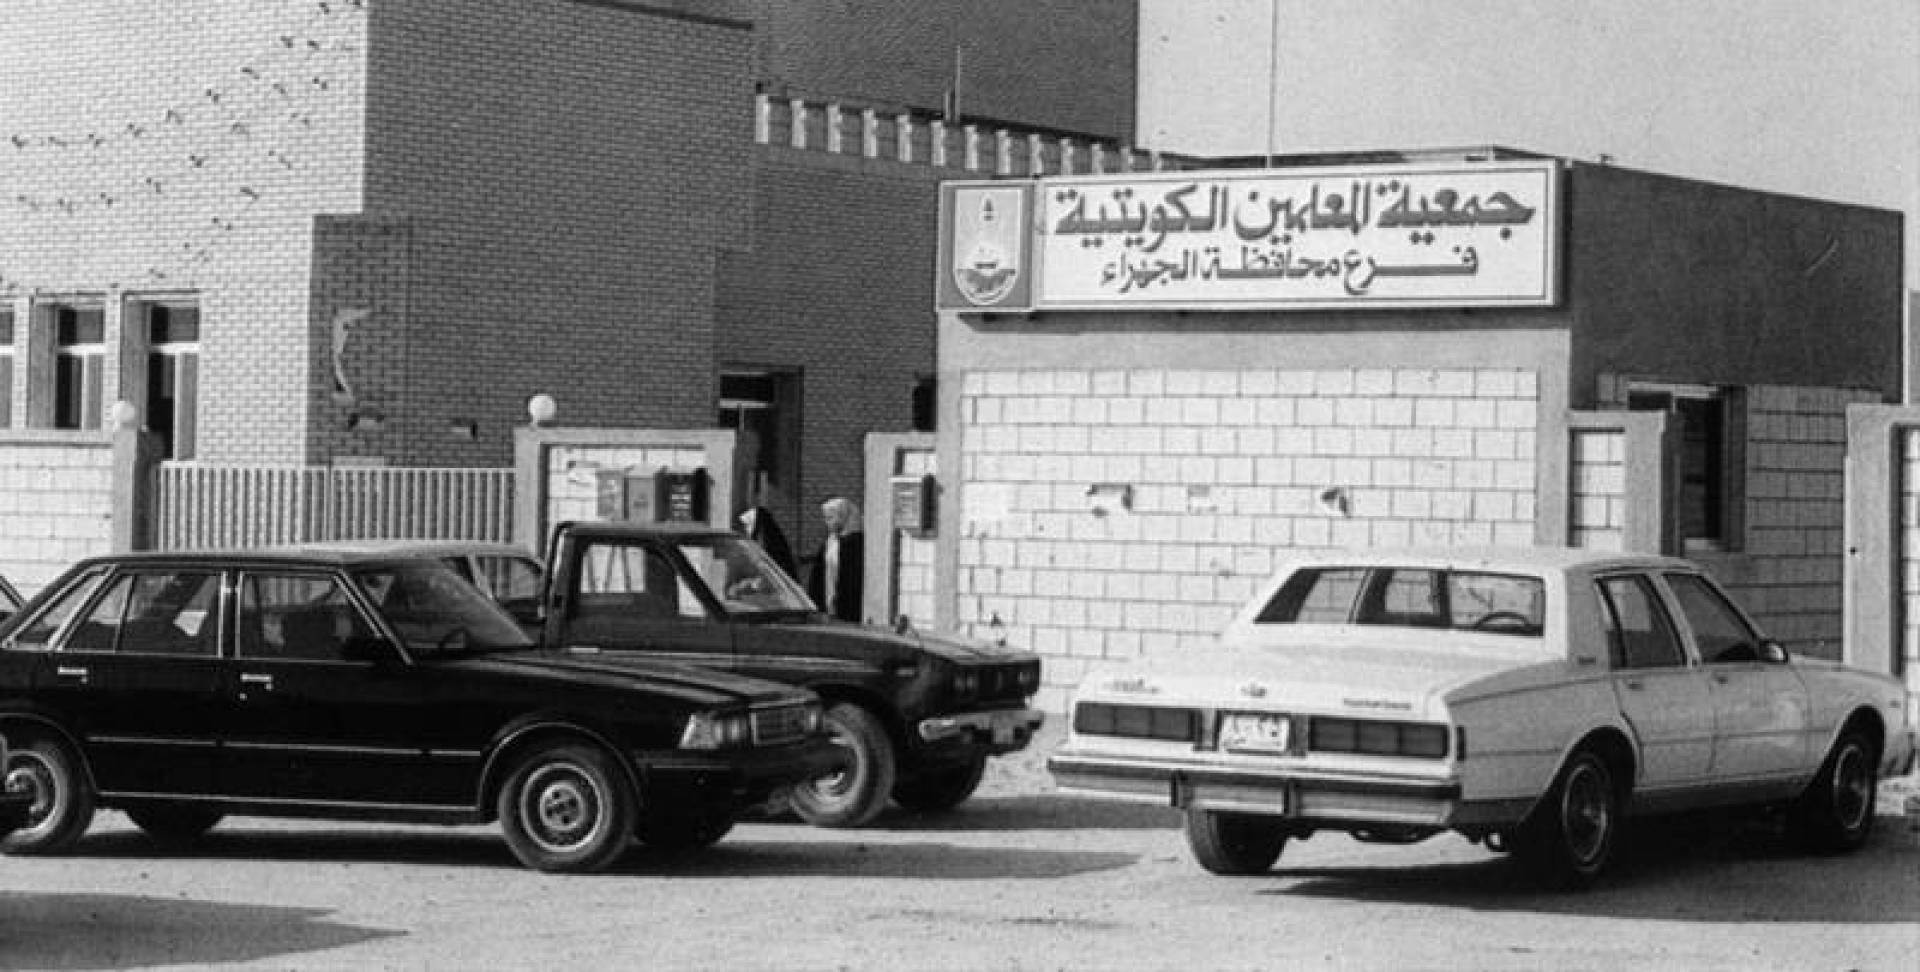 جمعية المعلمين الكويتية